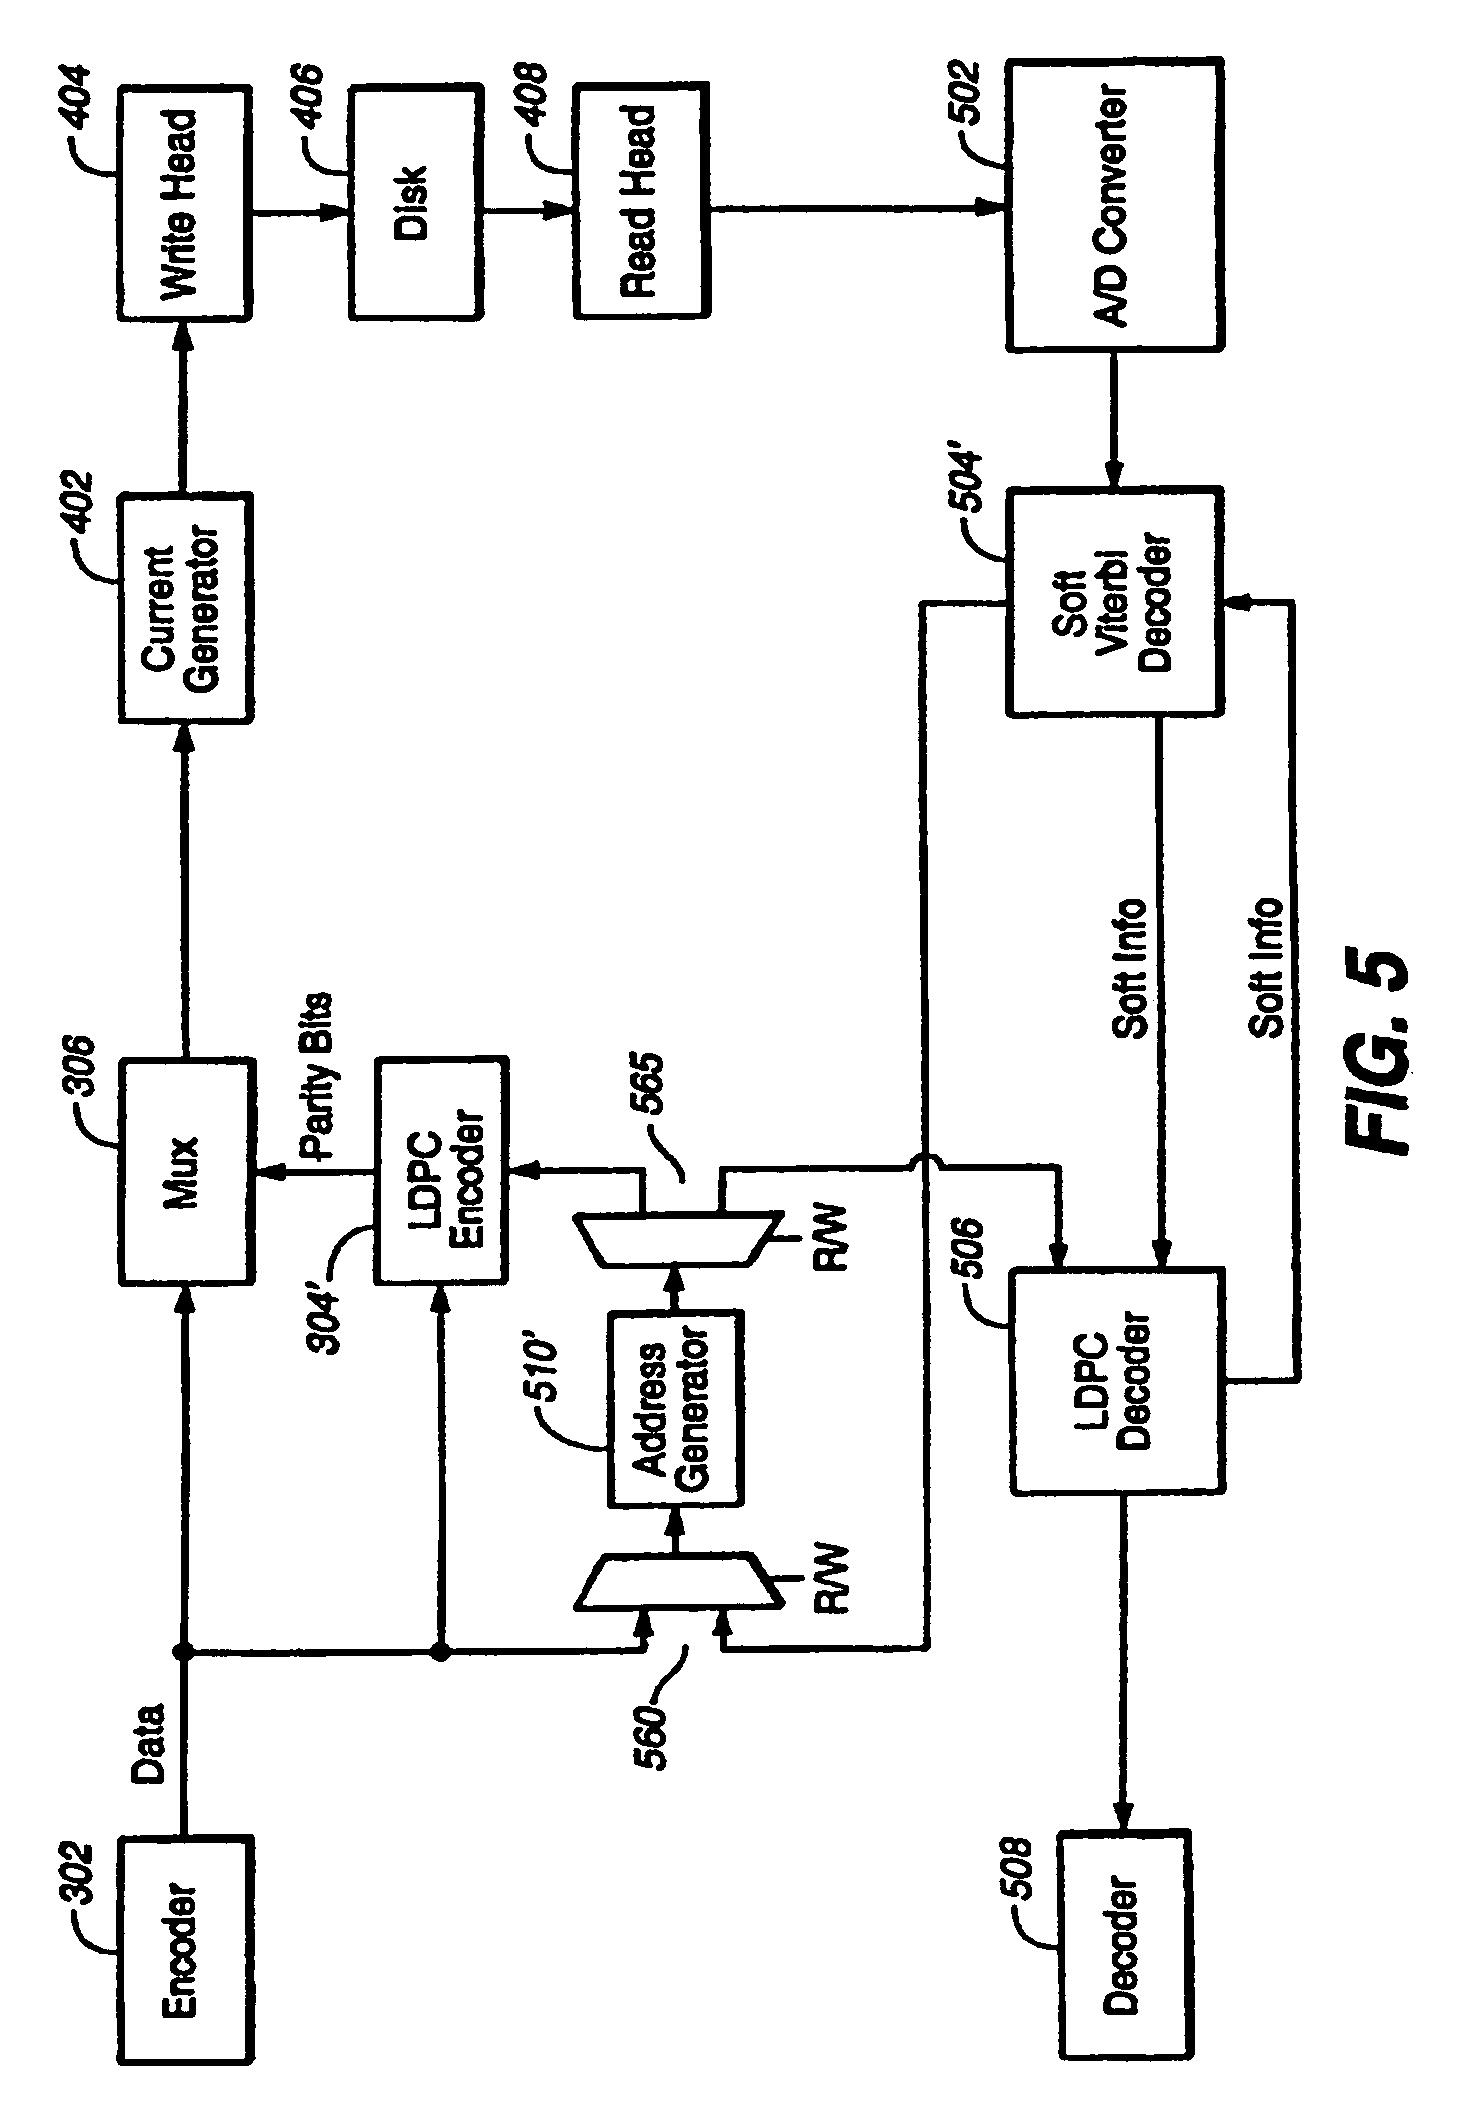 patent us7801254